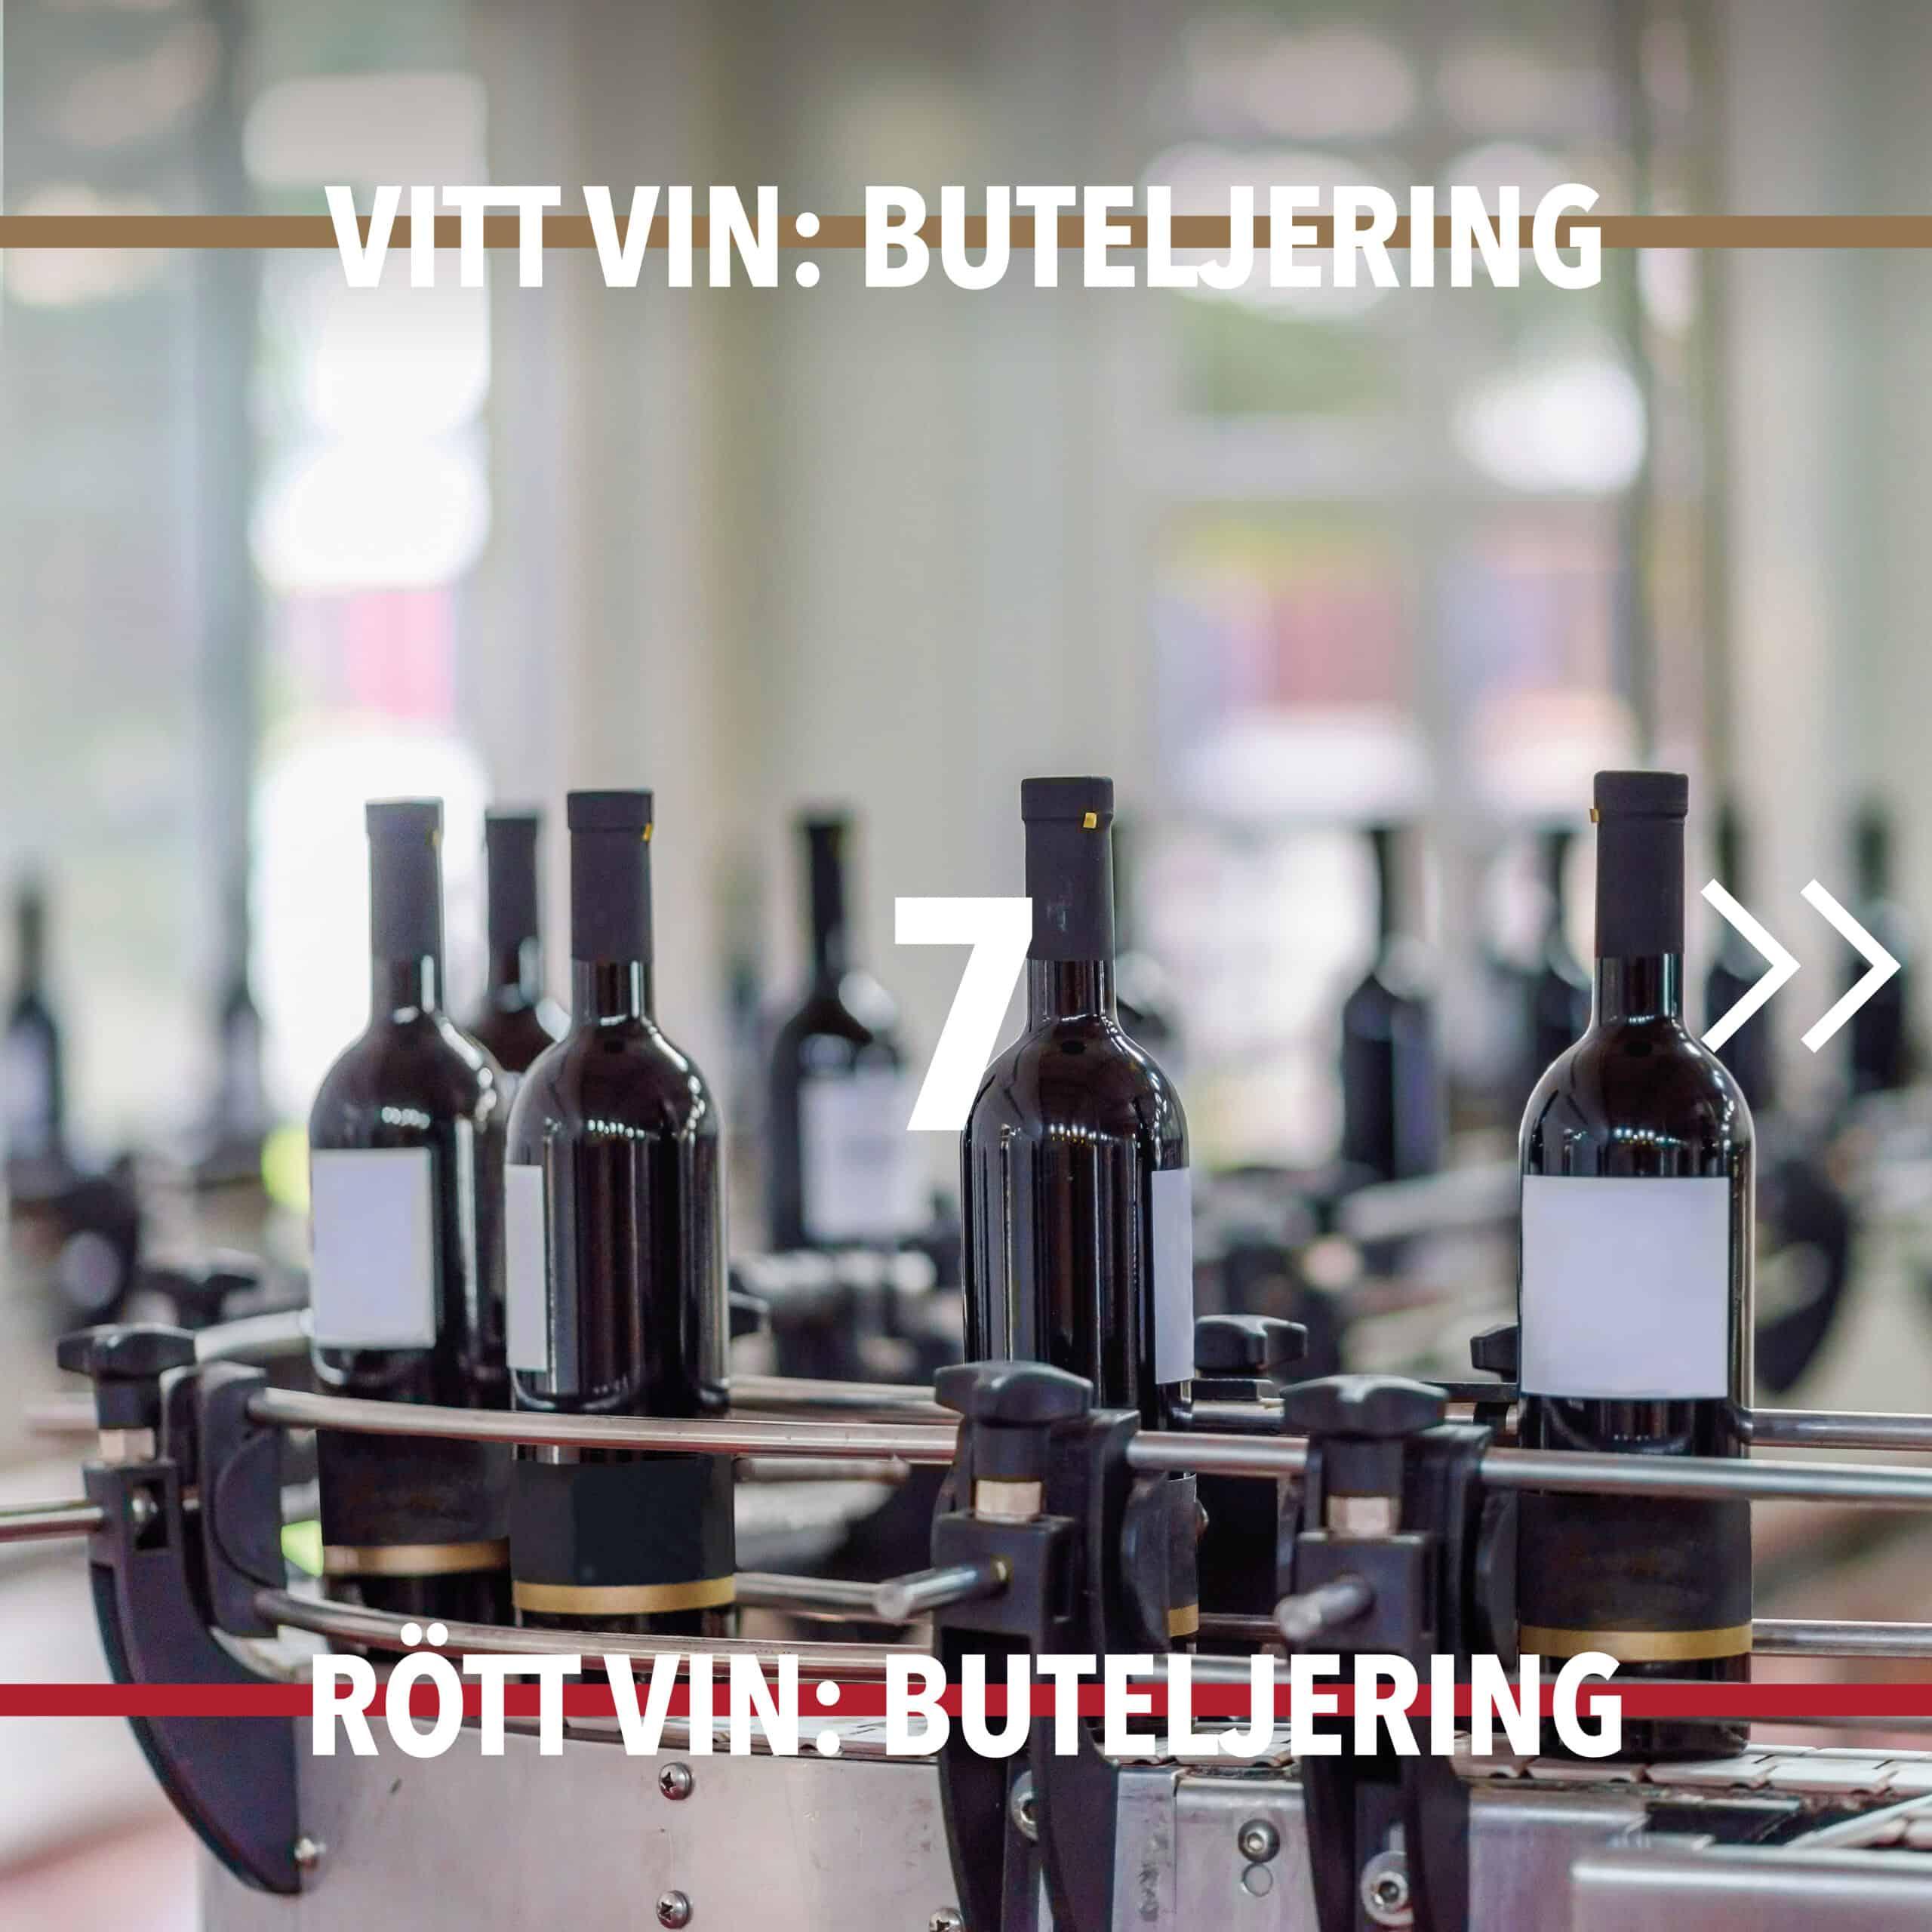 Vintillverkning guide hungry wines: Buteljering